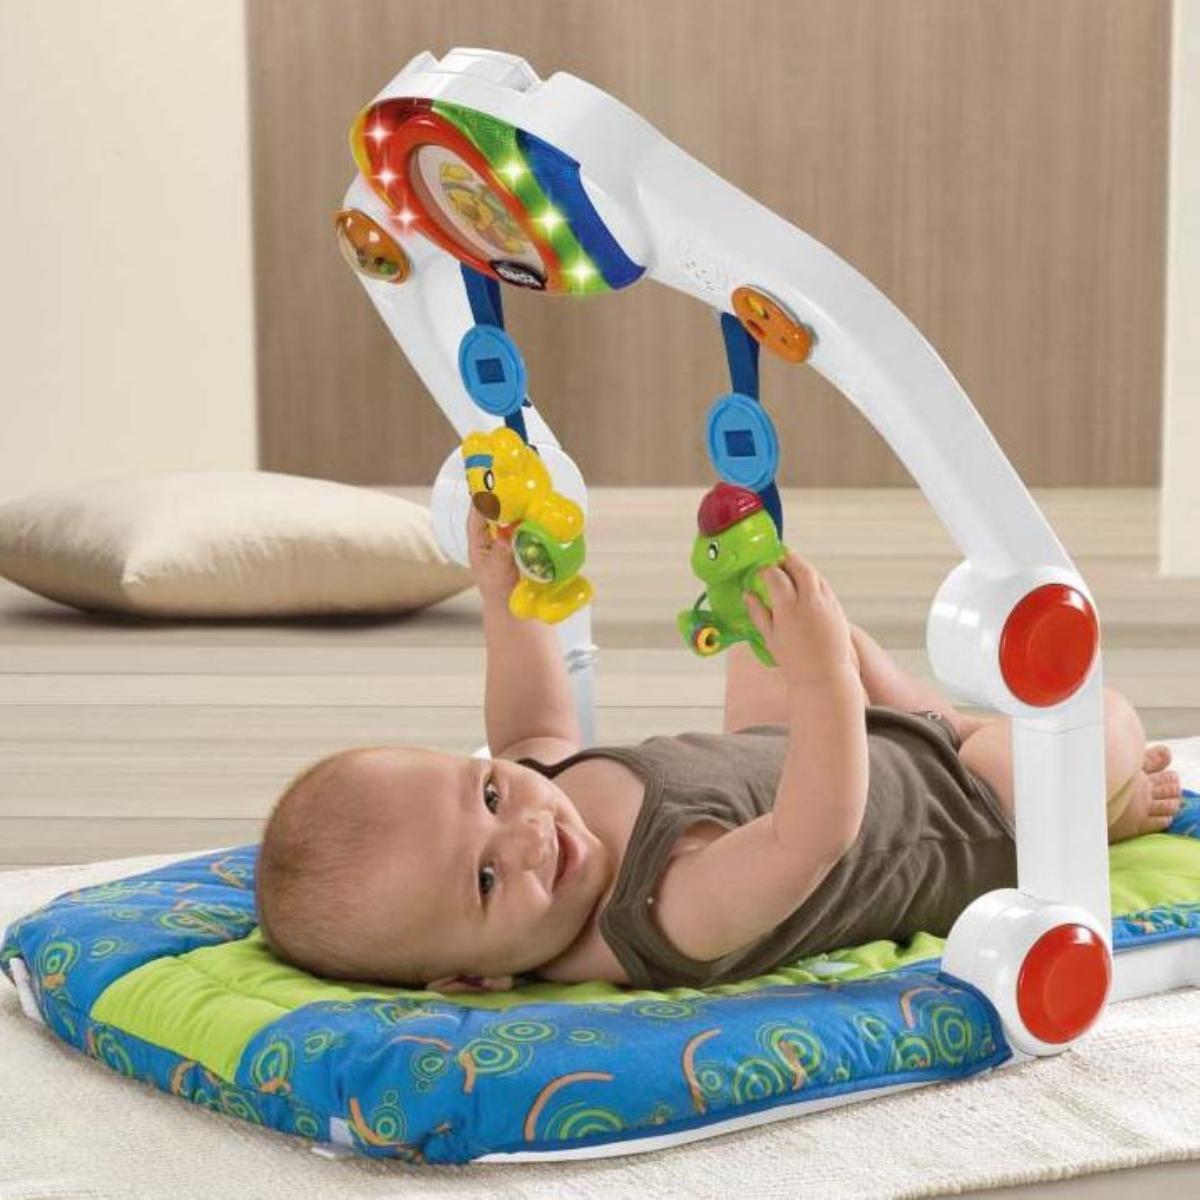 Игрушки для детей 2 месяца фото